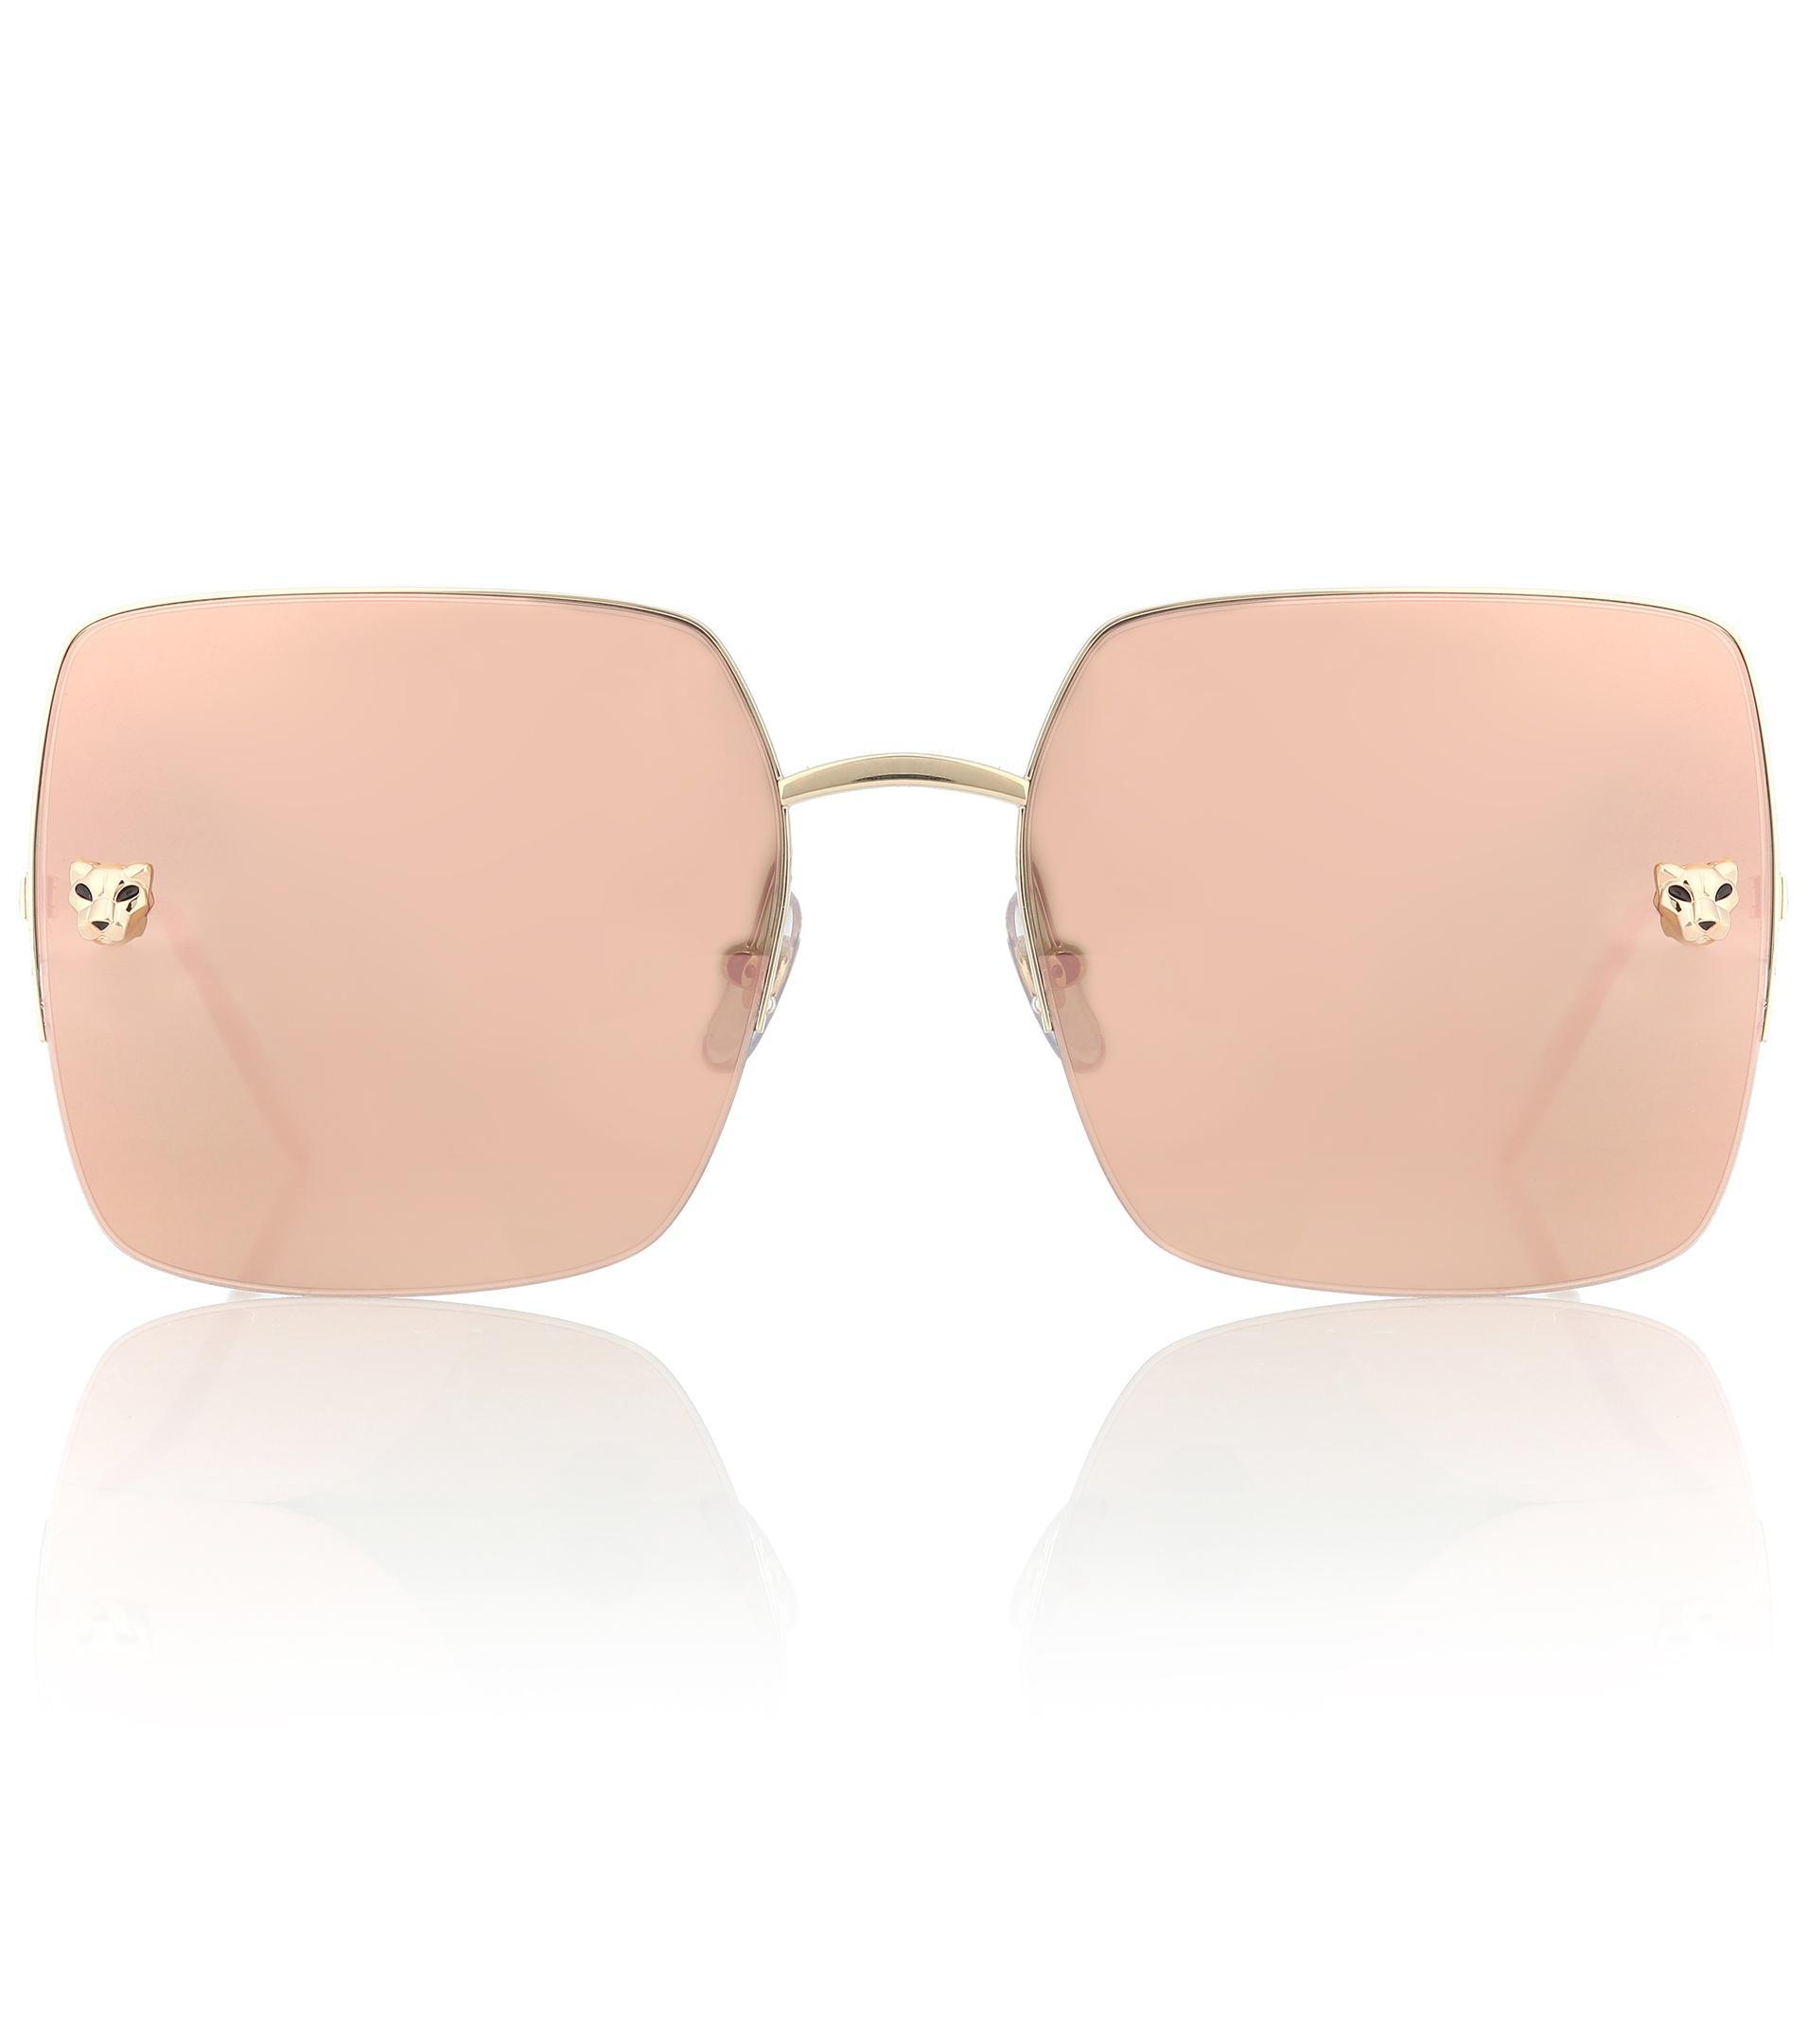 ce3d1d010f86d Cartier Panthère De Cartier Square Sunglasses in Metallic - Lyst